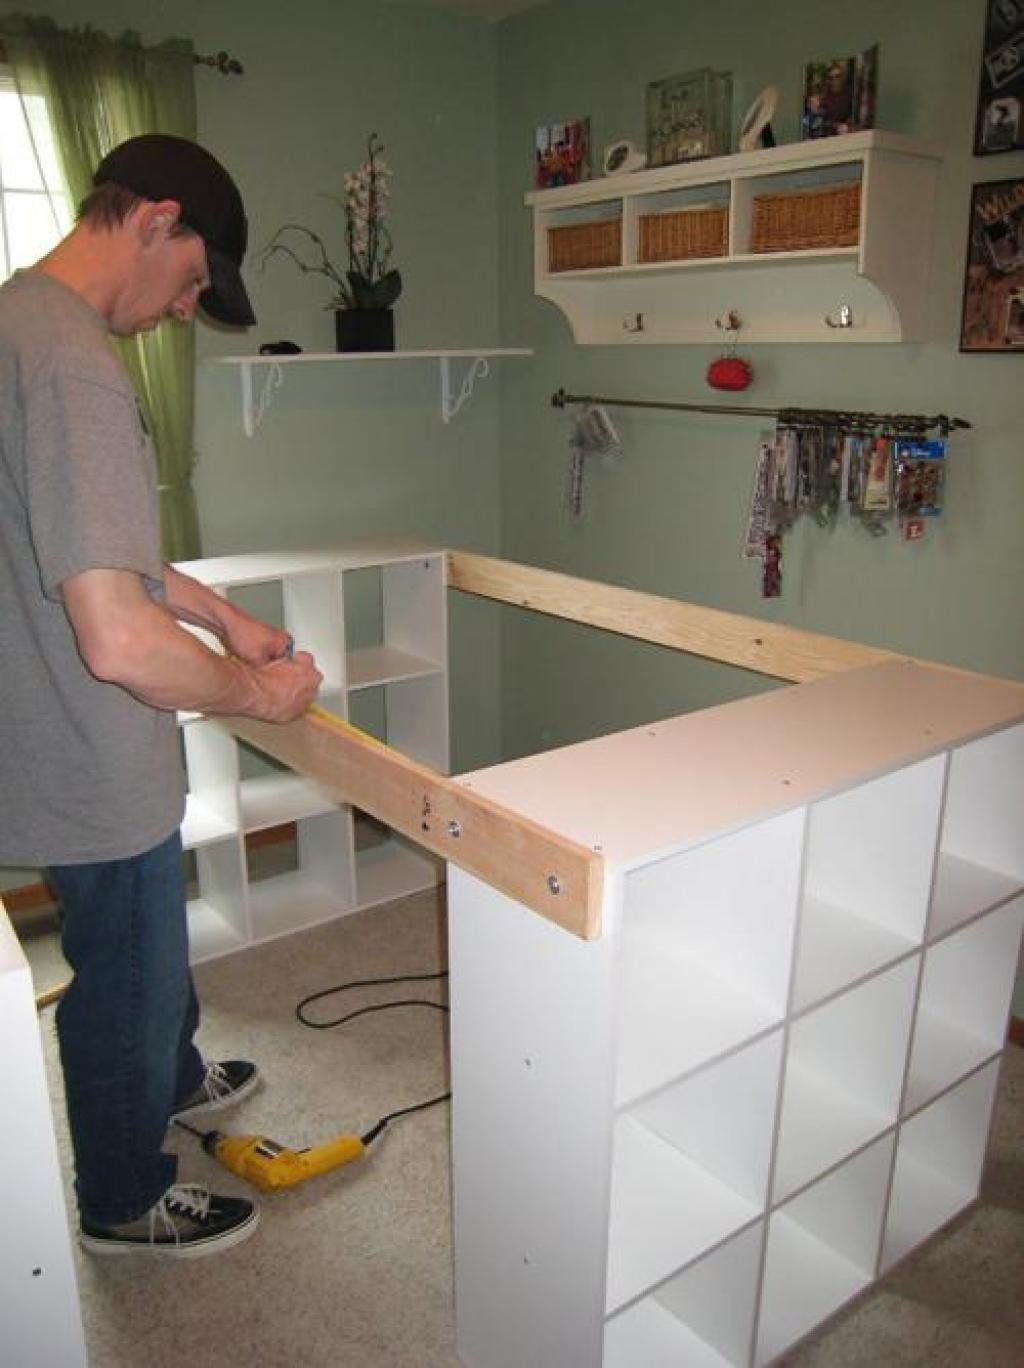 Il Assemble 3 étagères Ikea Avec De La Planche Pour Son